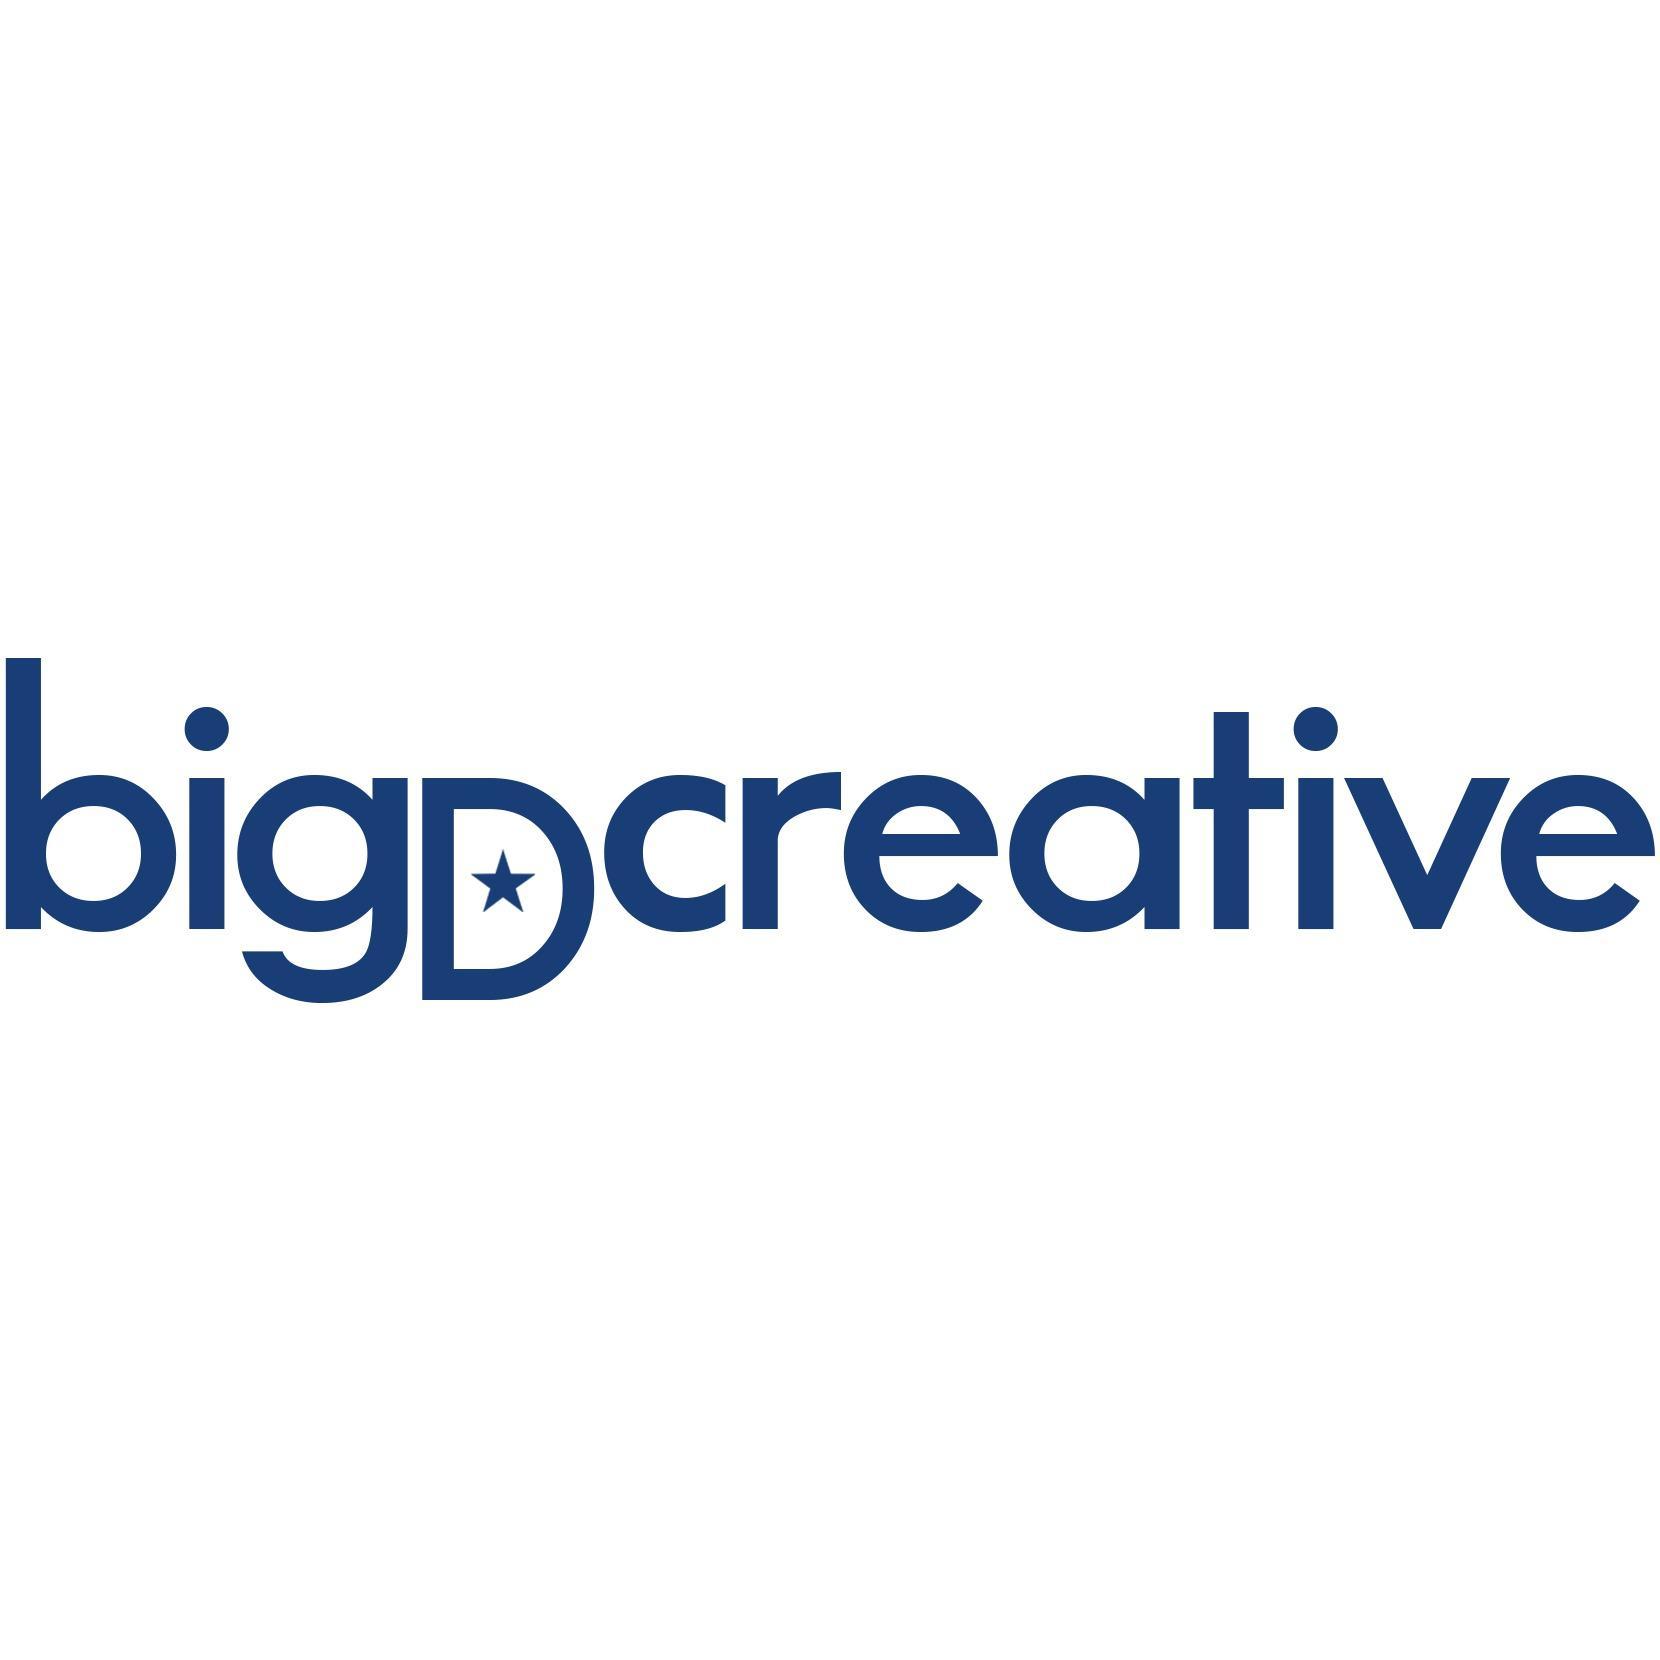 Big D Creative - Dallas, TX 75202 - (214)760-8862 | ShowMeLocal.com